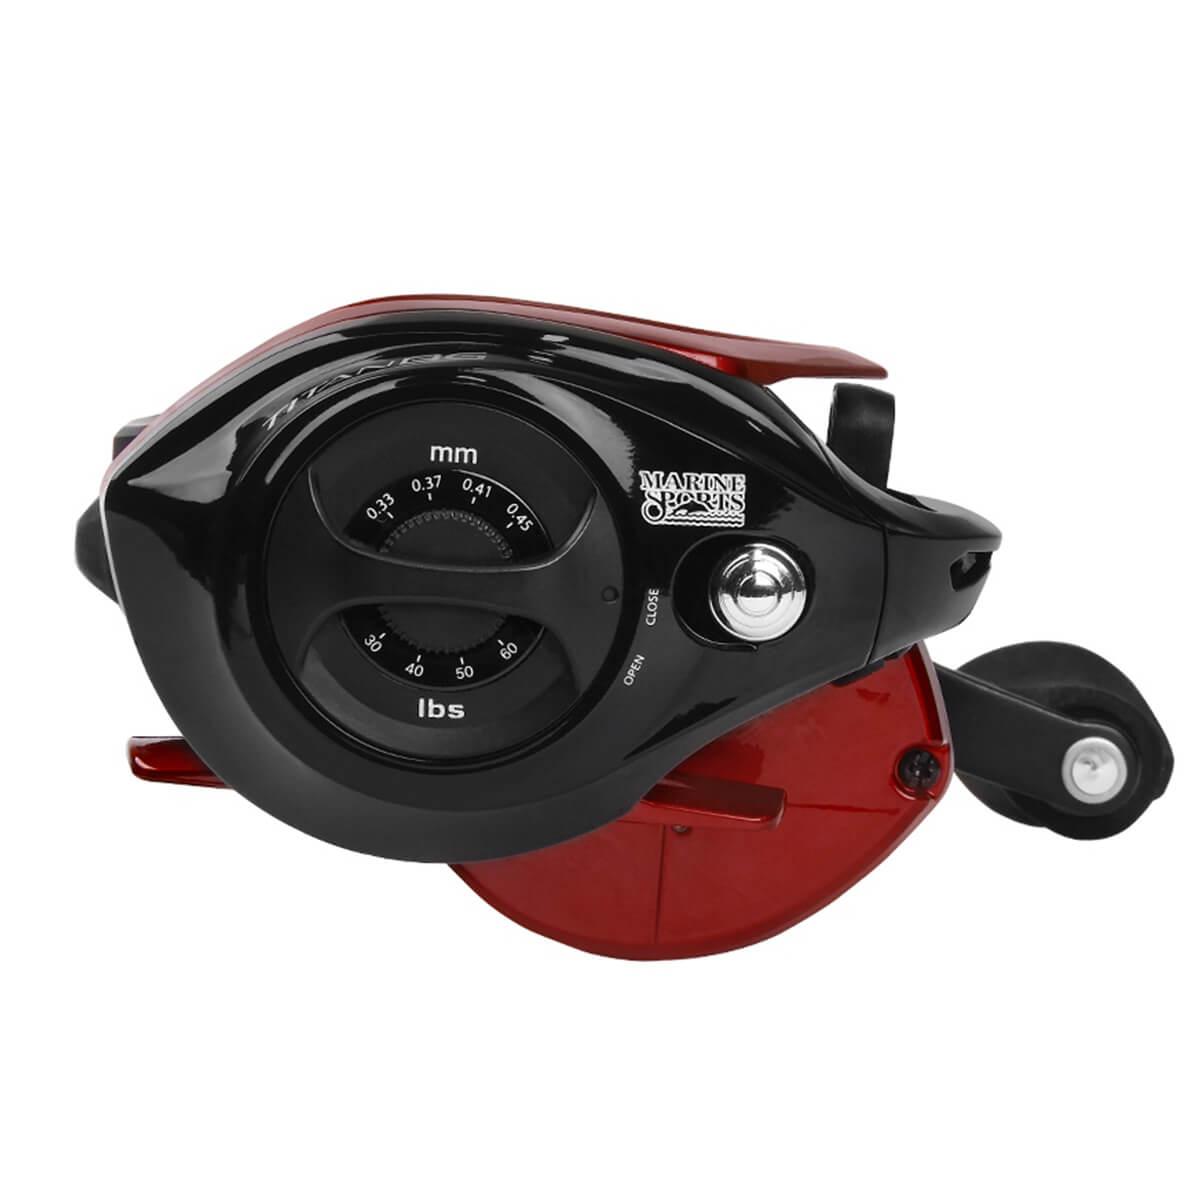 Carretilha Marine Sports Titan BG 12000 Pro 8.1:1 Drag 12kg